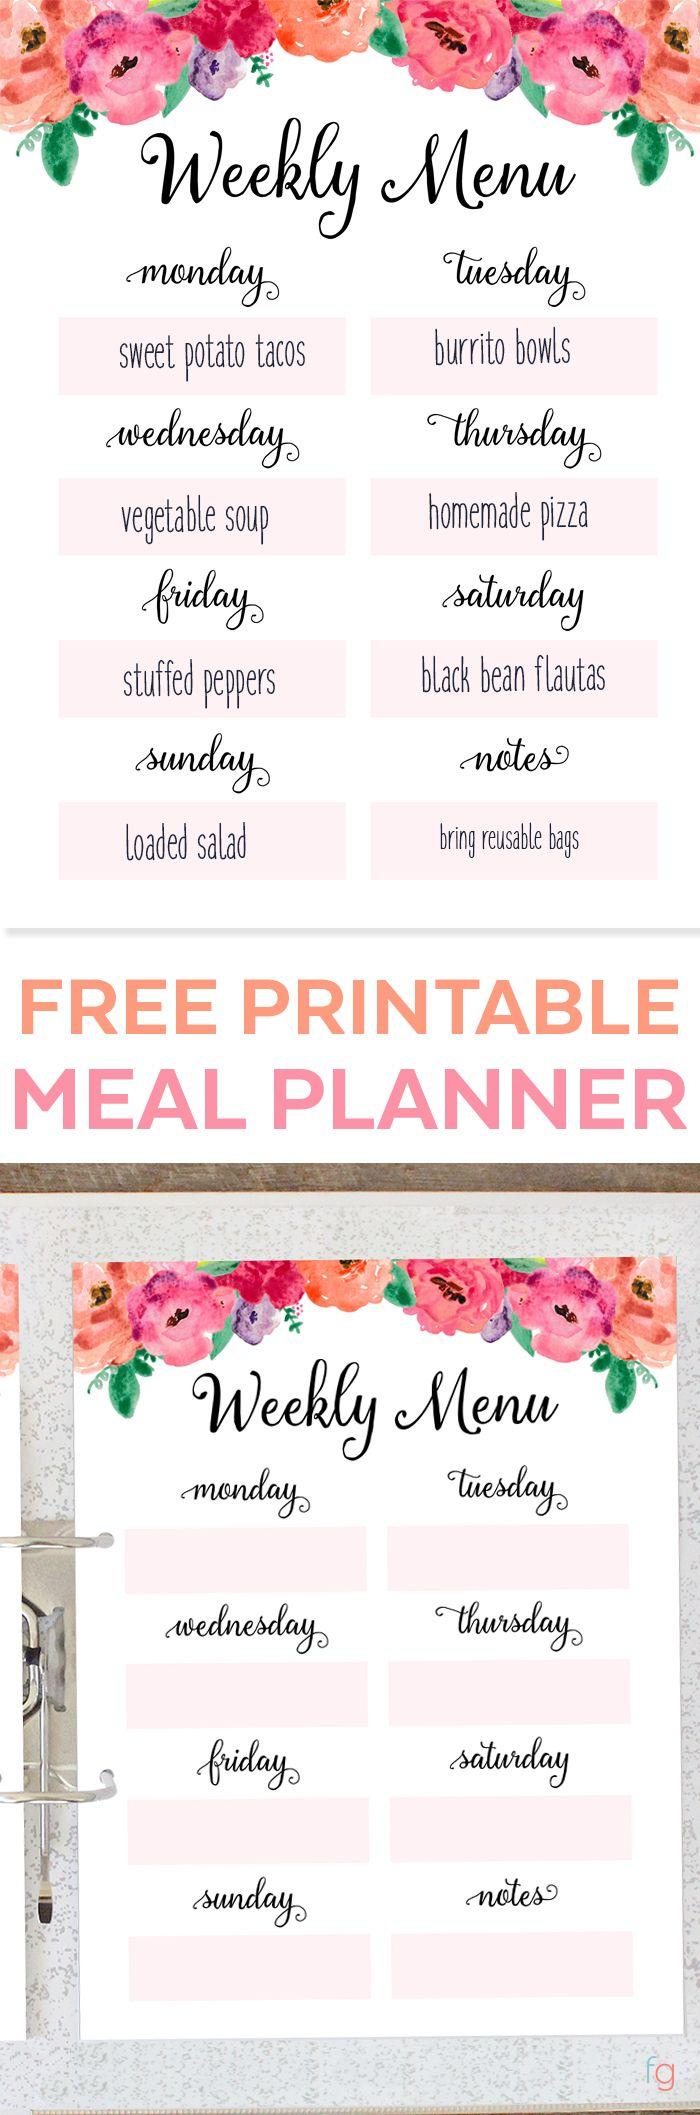 Weekly Meal Plan Printable Free Printable Weekly Meal Planner – Menu Plan Printable – Menu Planning Printable – Free Printables